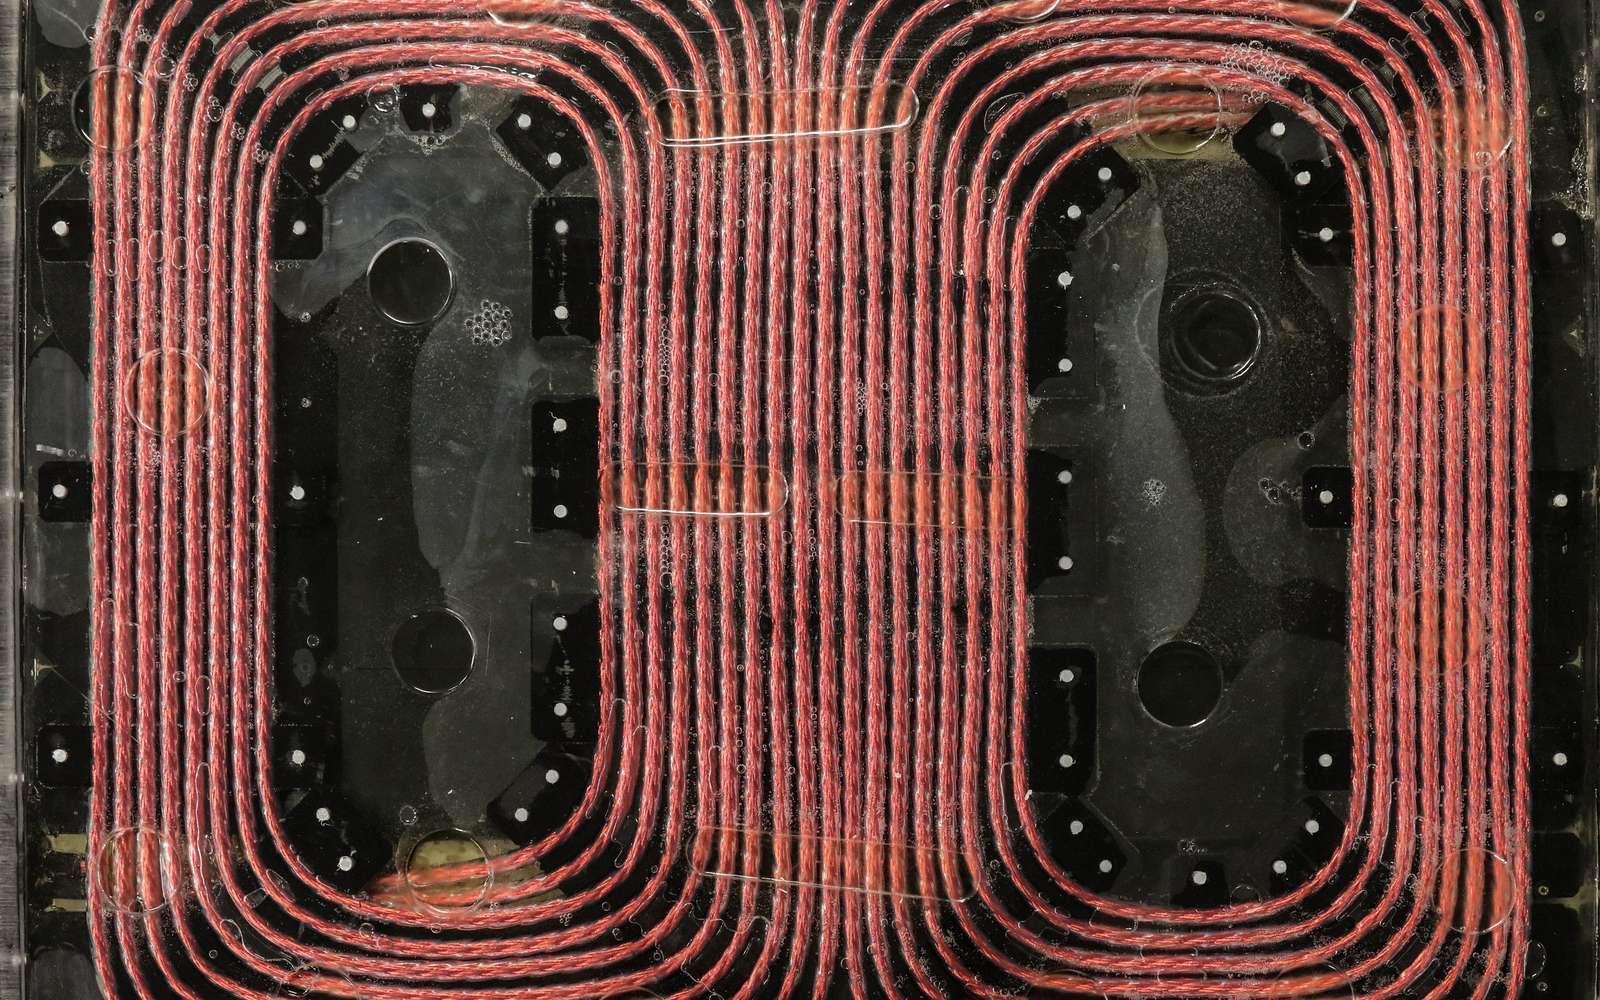 La bobine développée par l'Oak Ridge National Laboratory pour son dispositif de recharge sans fil. © Genevieve Martin, Oak Ridge National Laboratory, U.S. Dept. of Energy